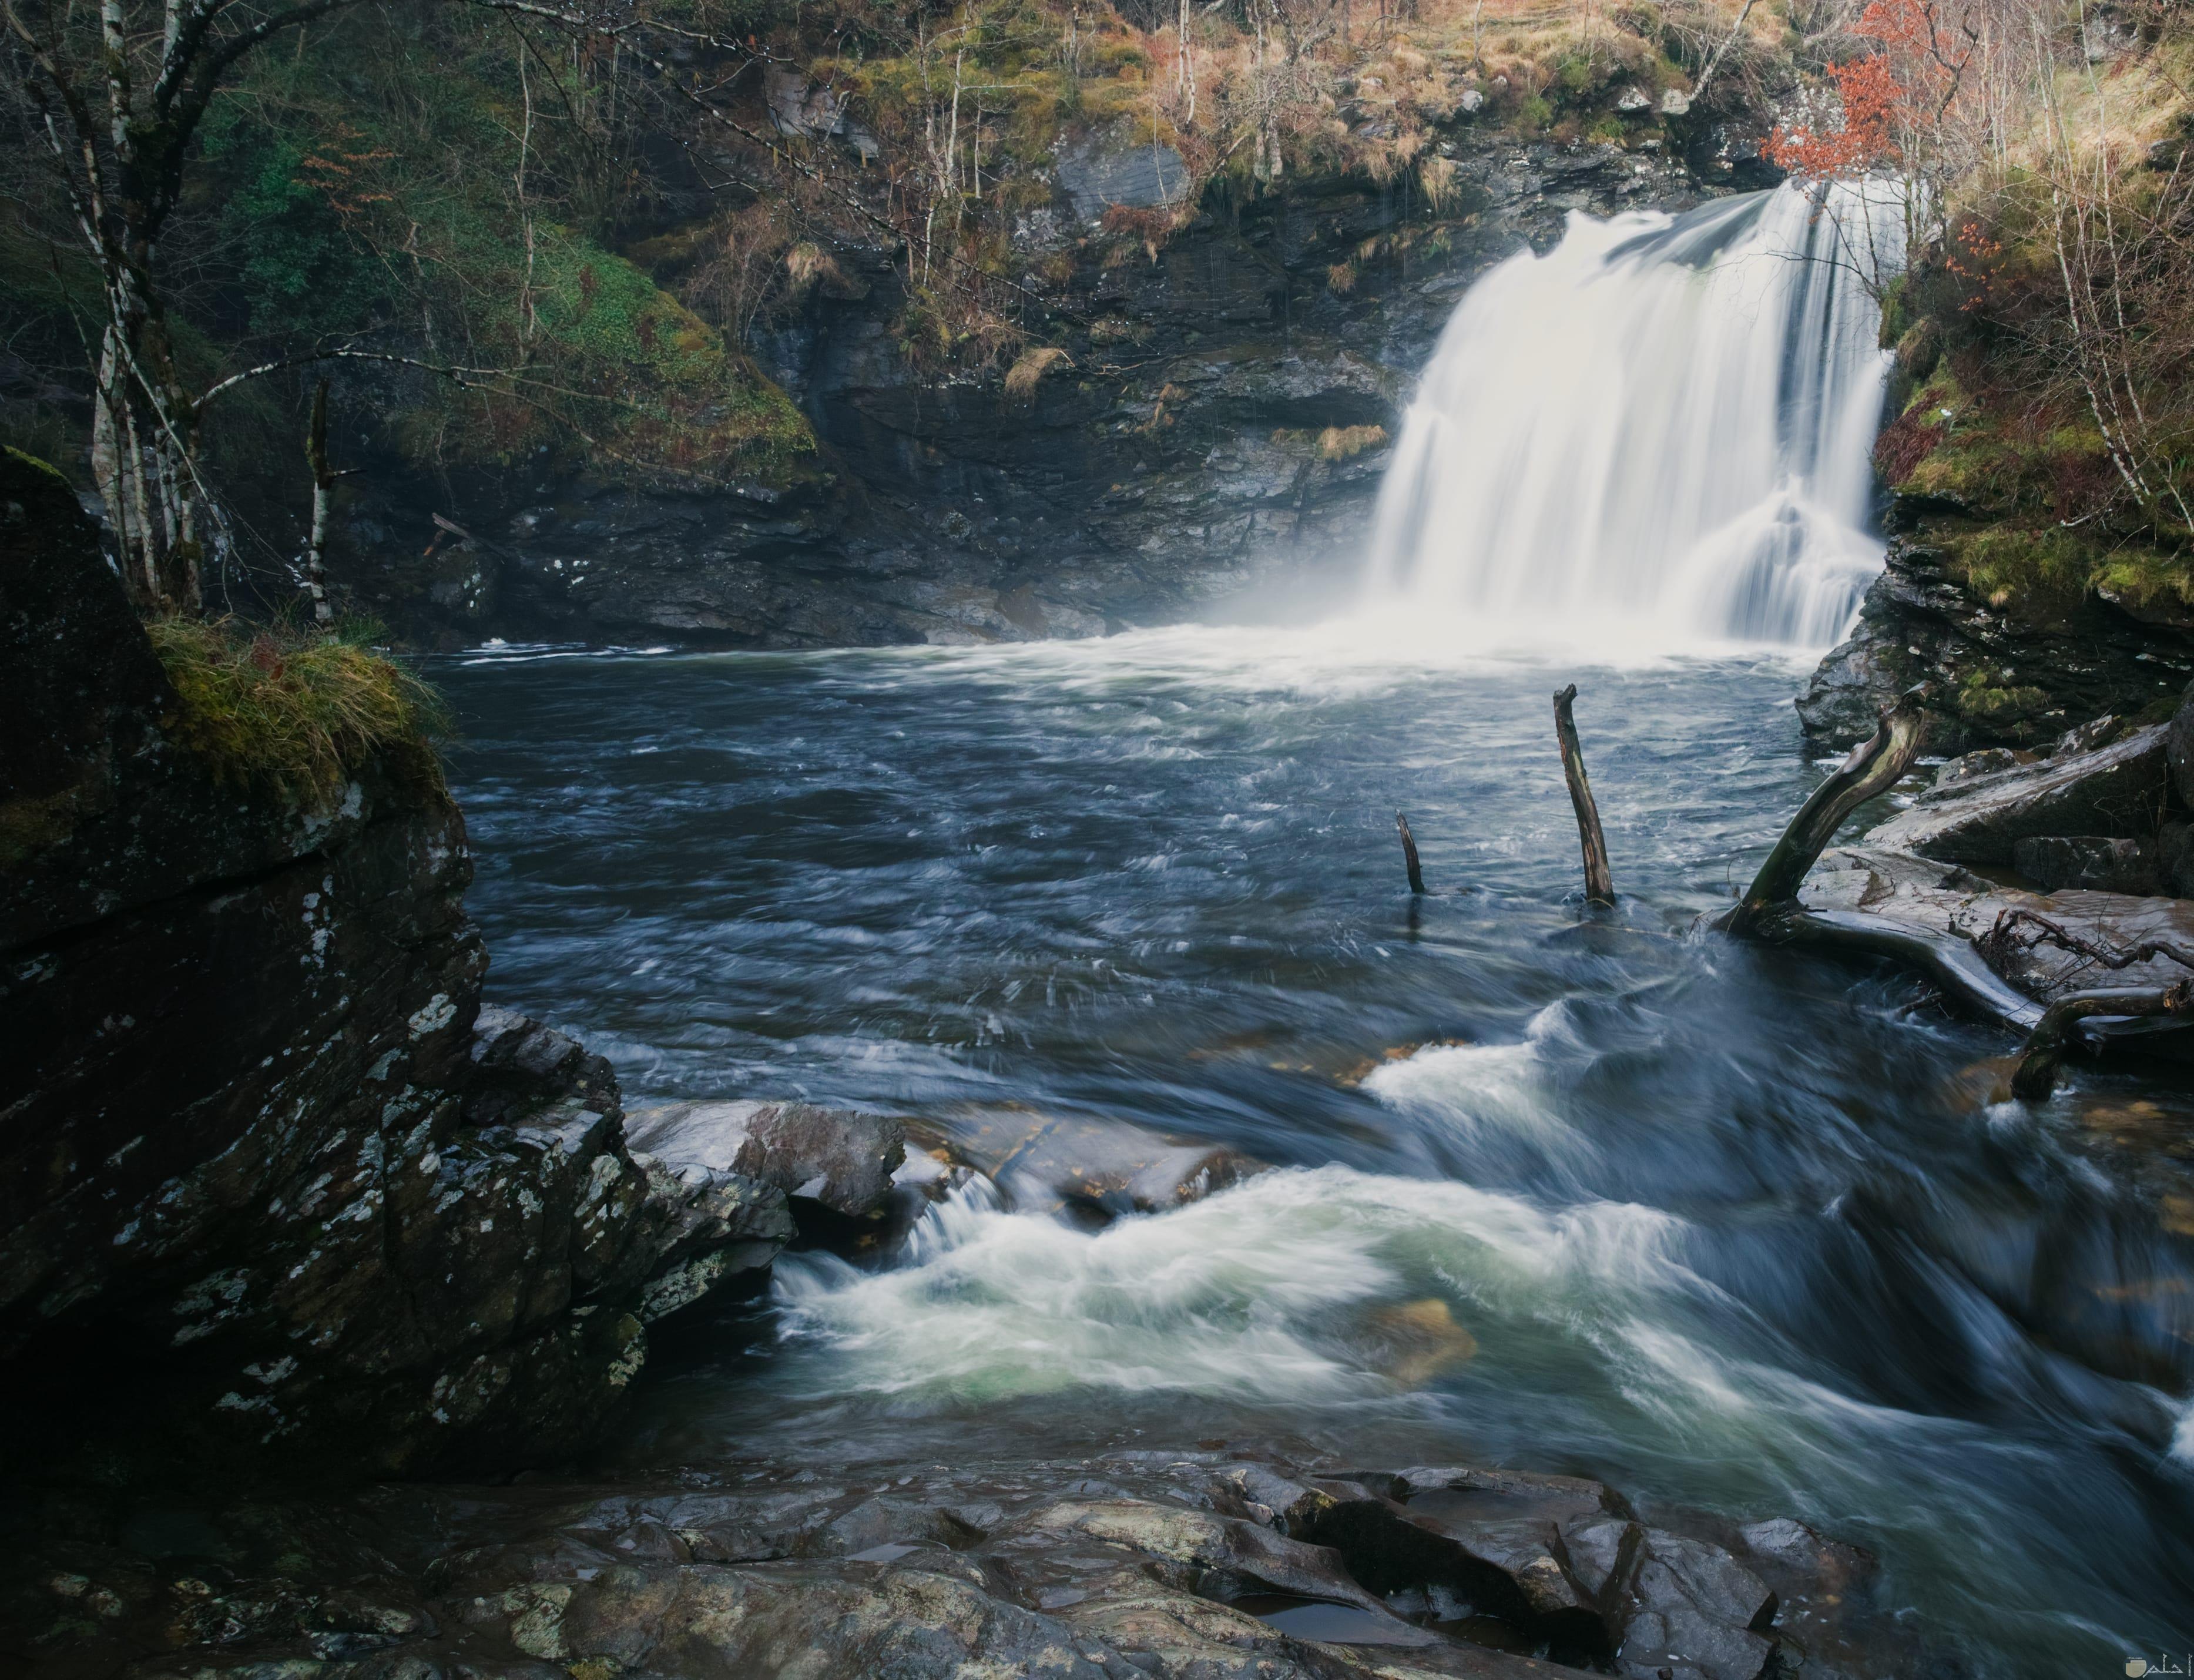 صورة طبيعية لشلال مياه عبر نهر رائع جدا